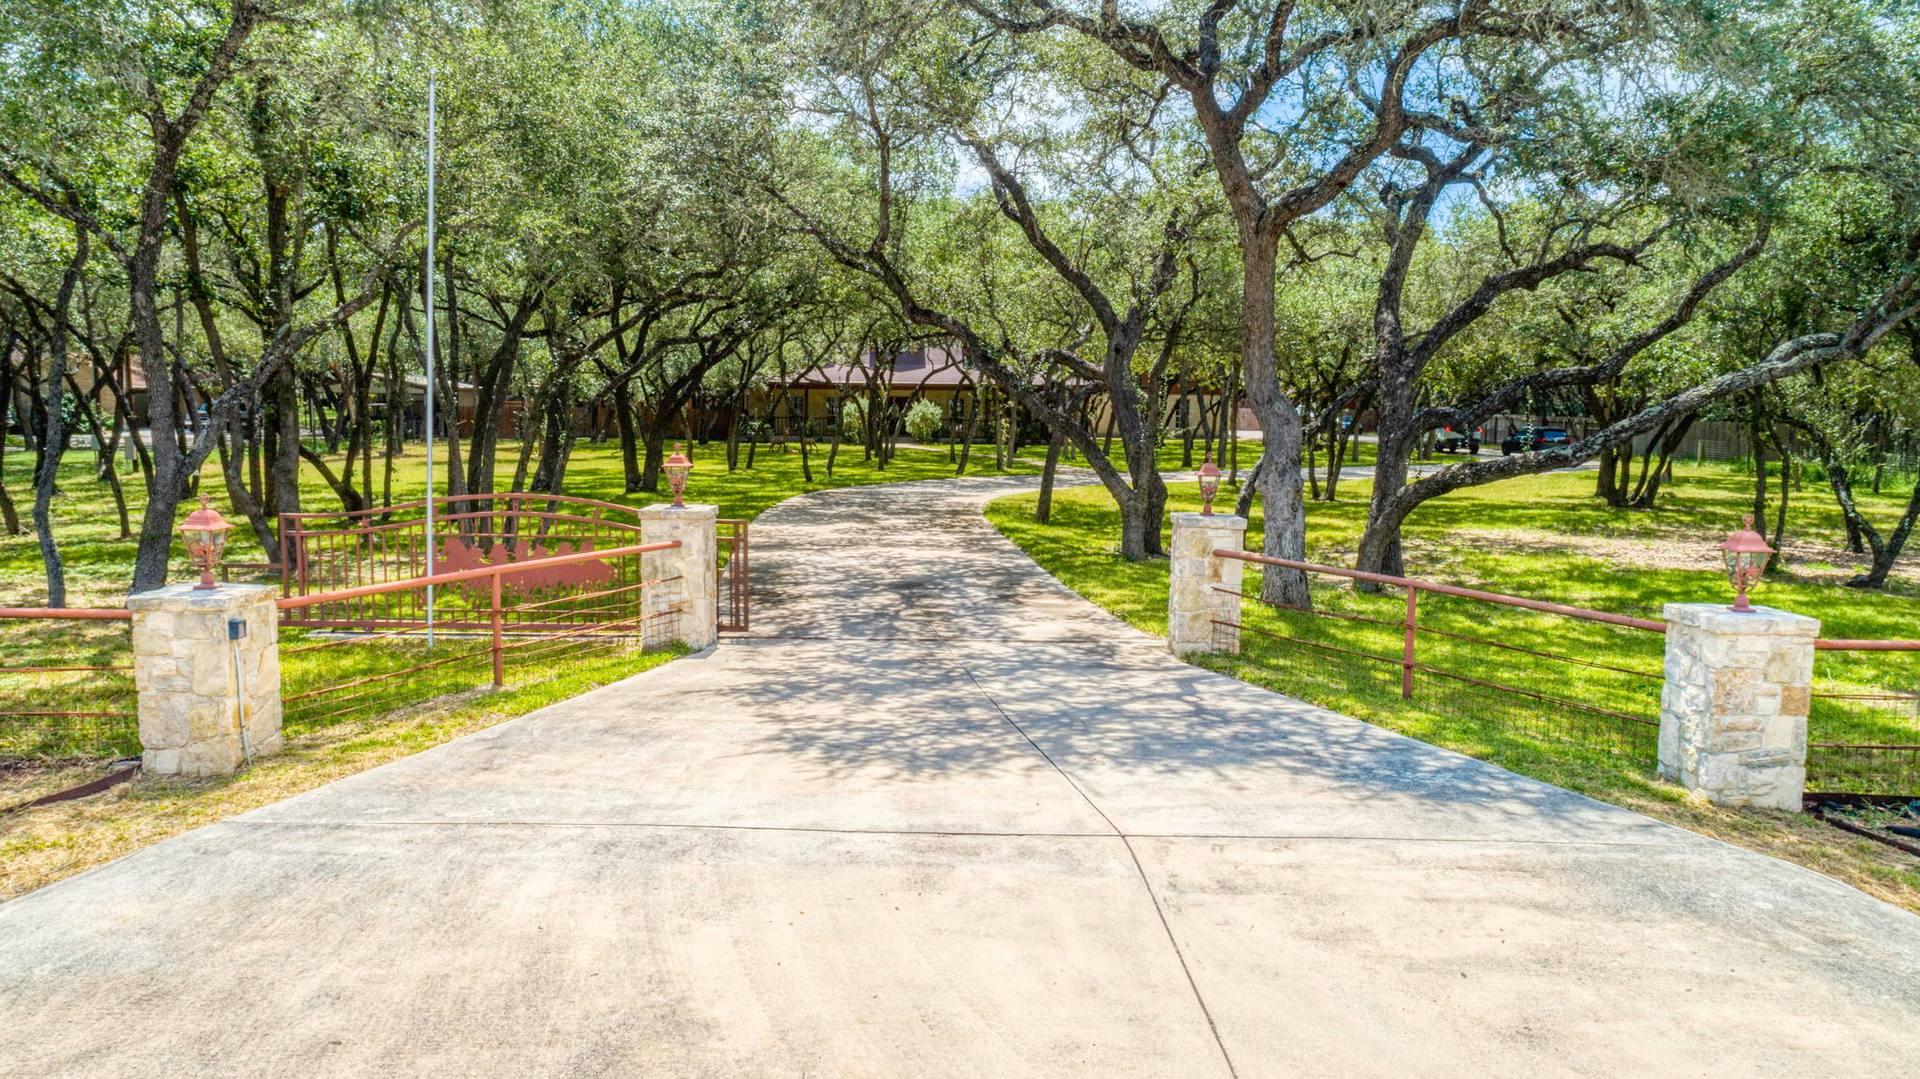 788 Killarney Rd, Floresville, TX 78114, USA